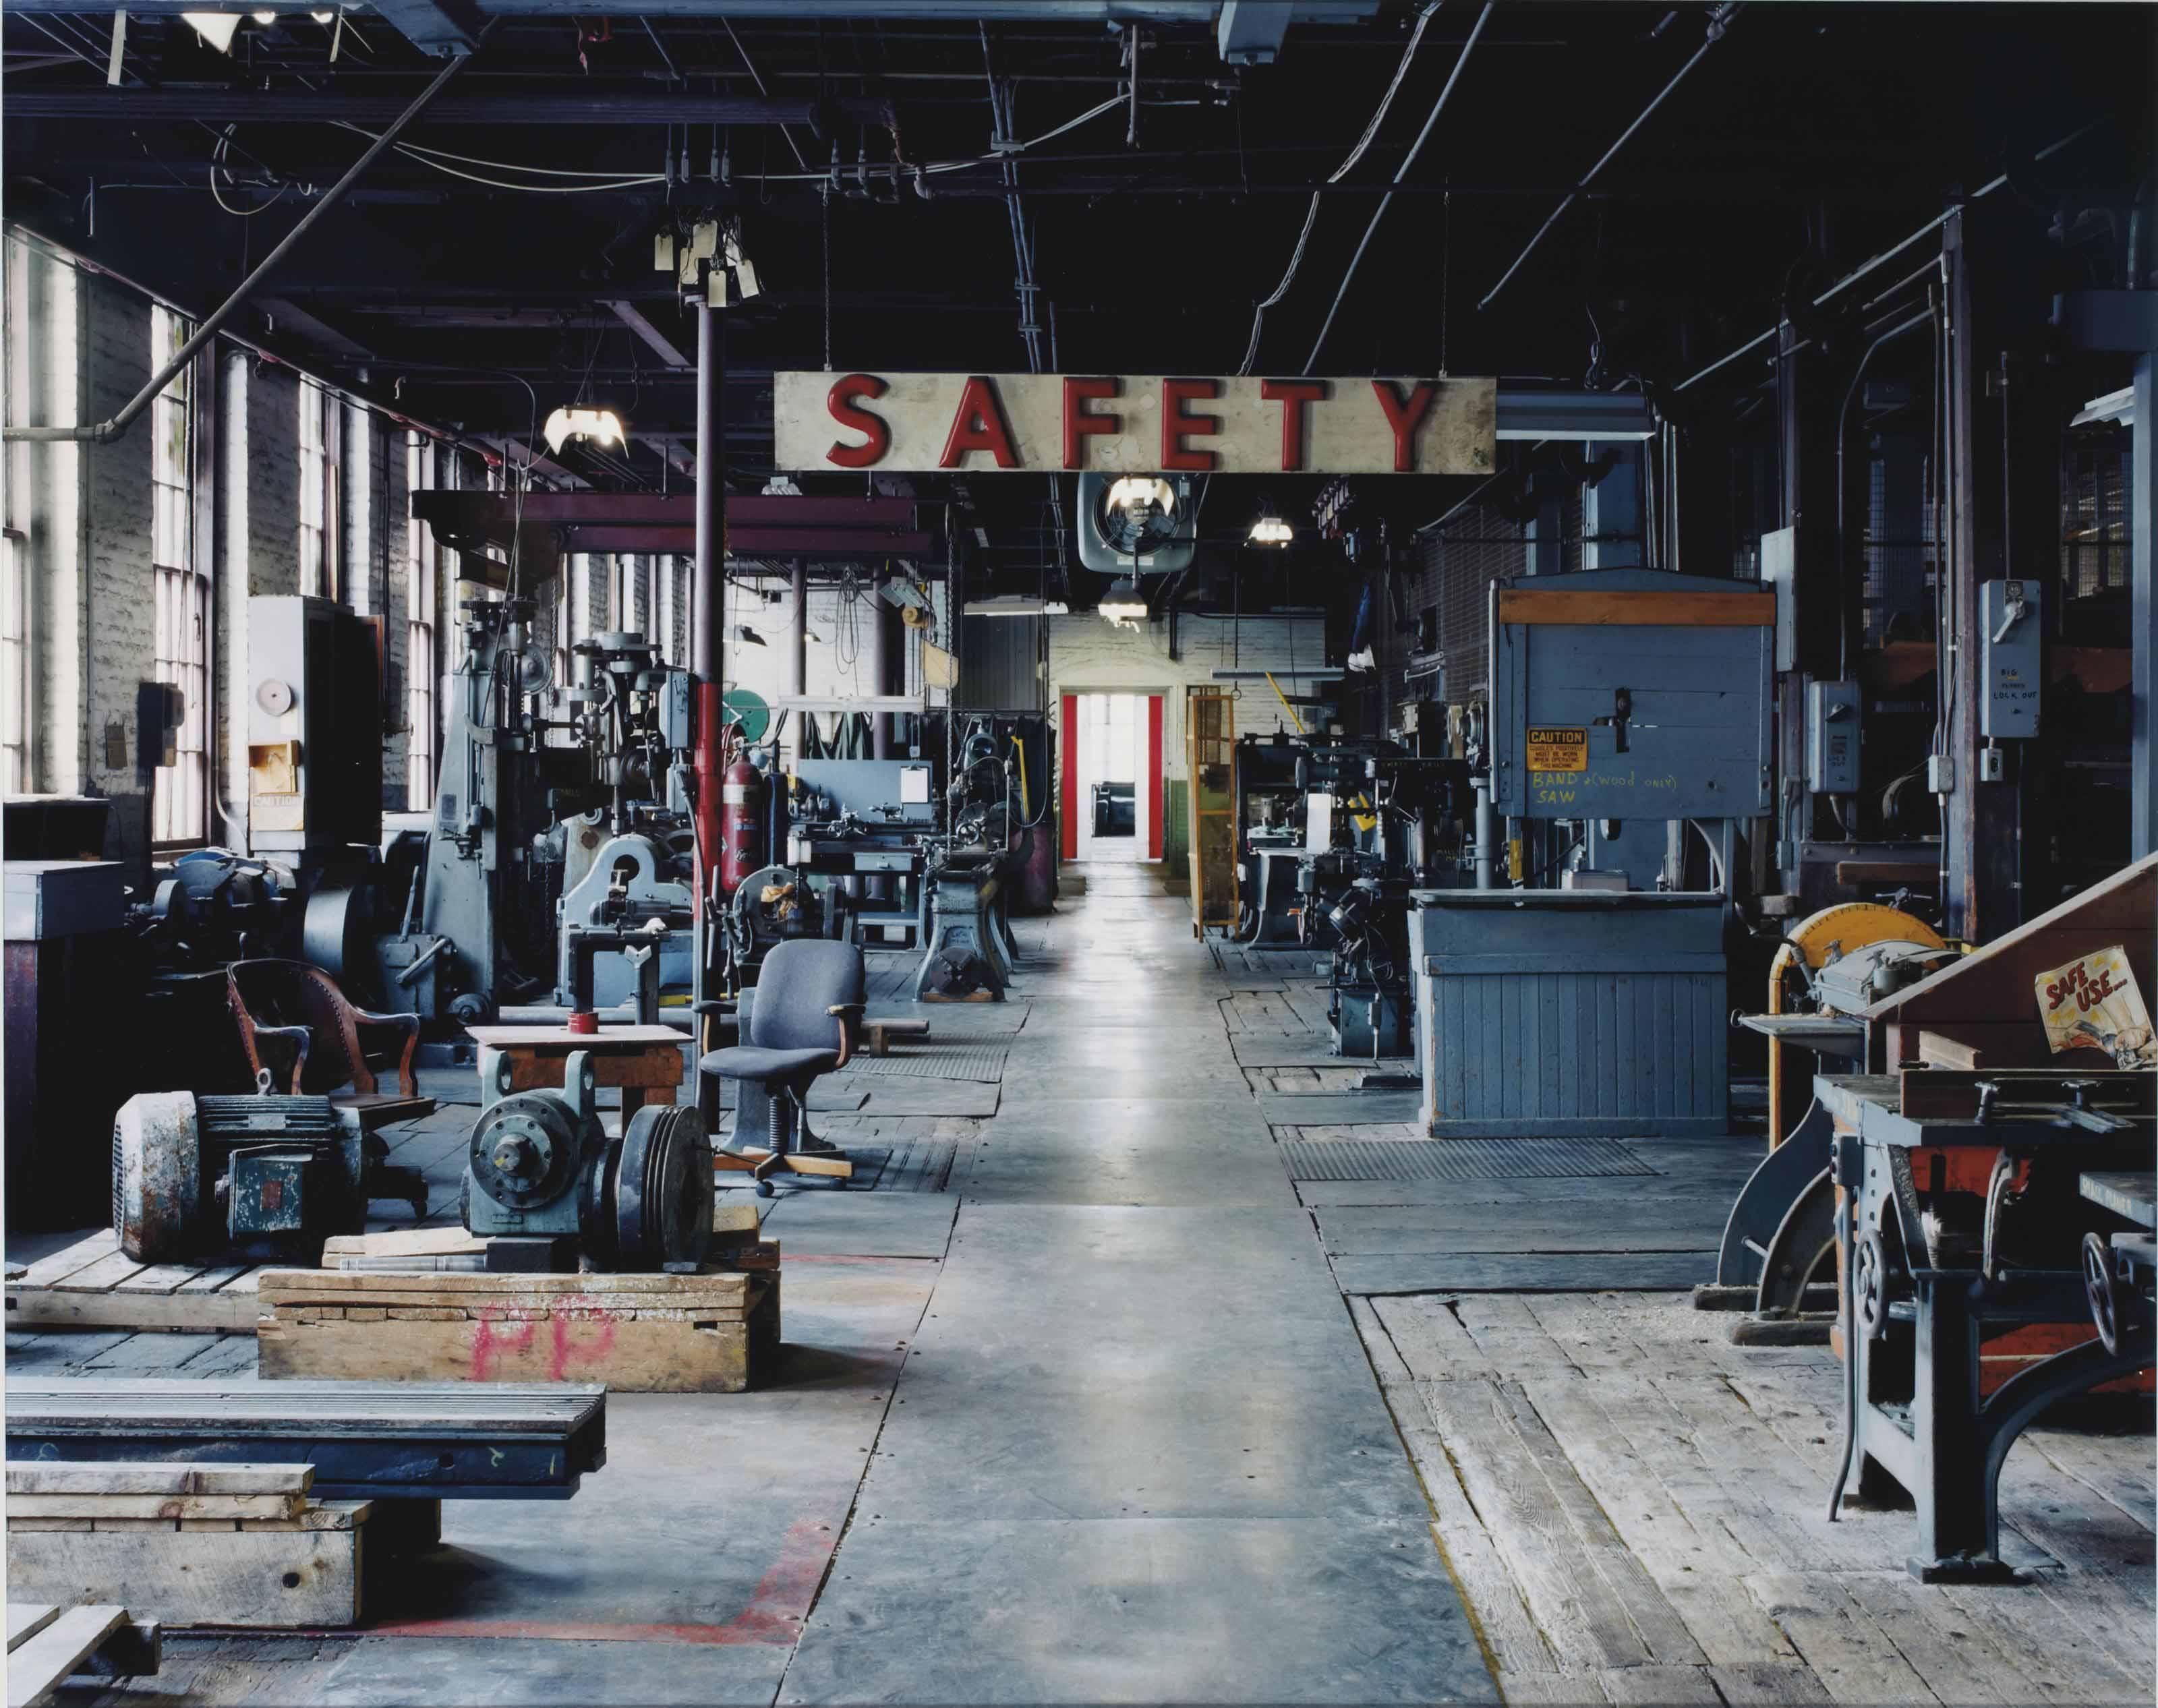 Sans titre (safety), Holyoke, MA, 2001